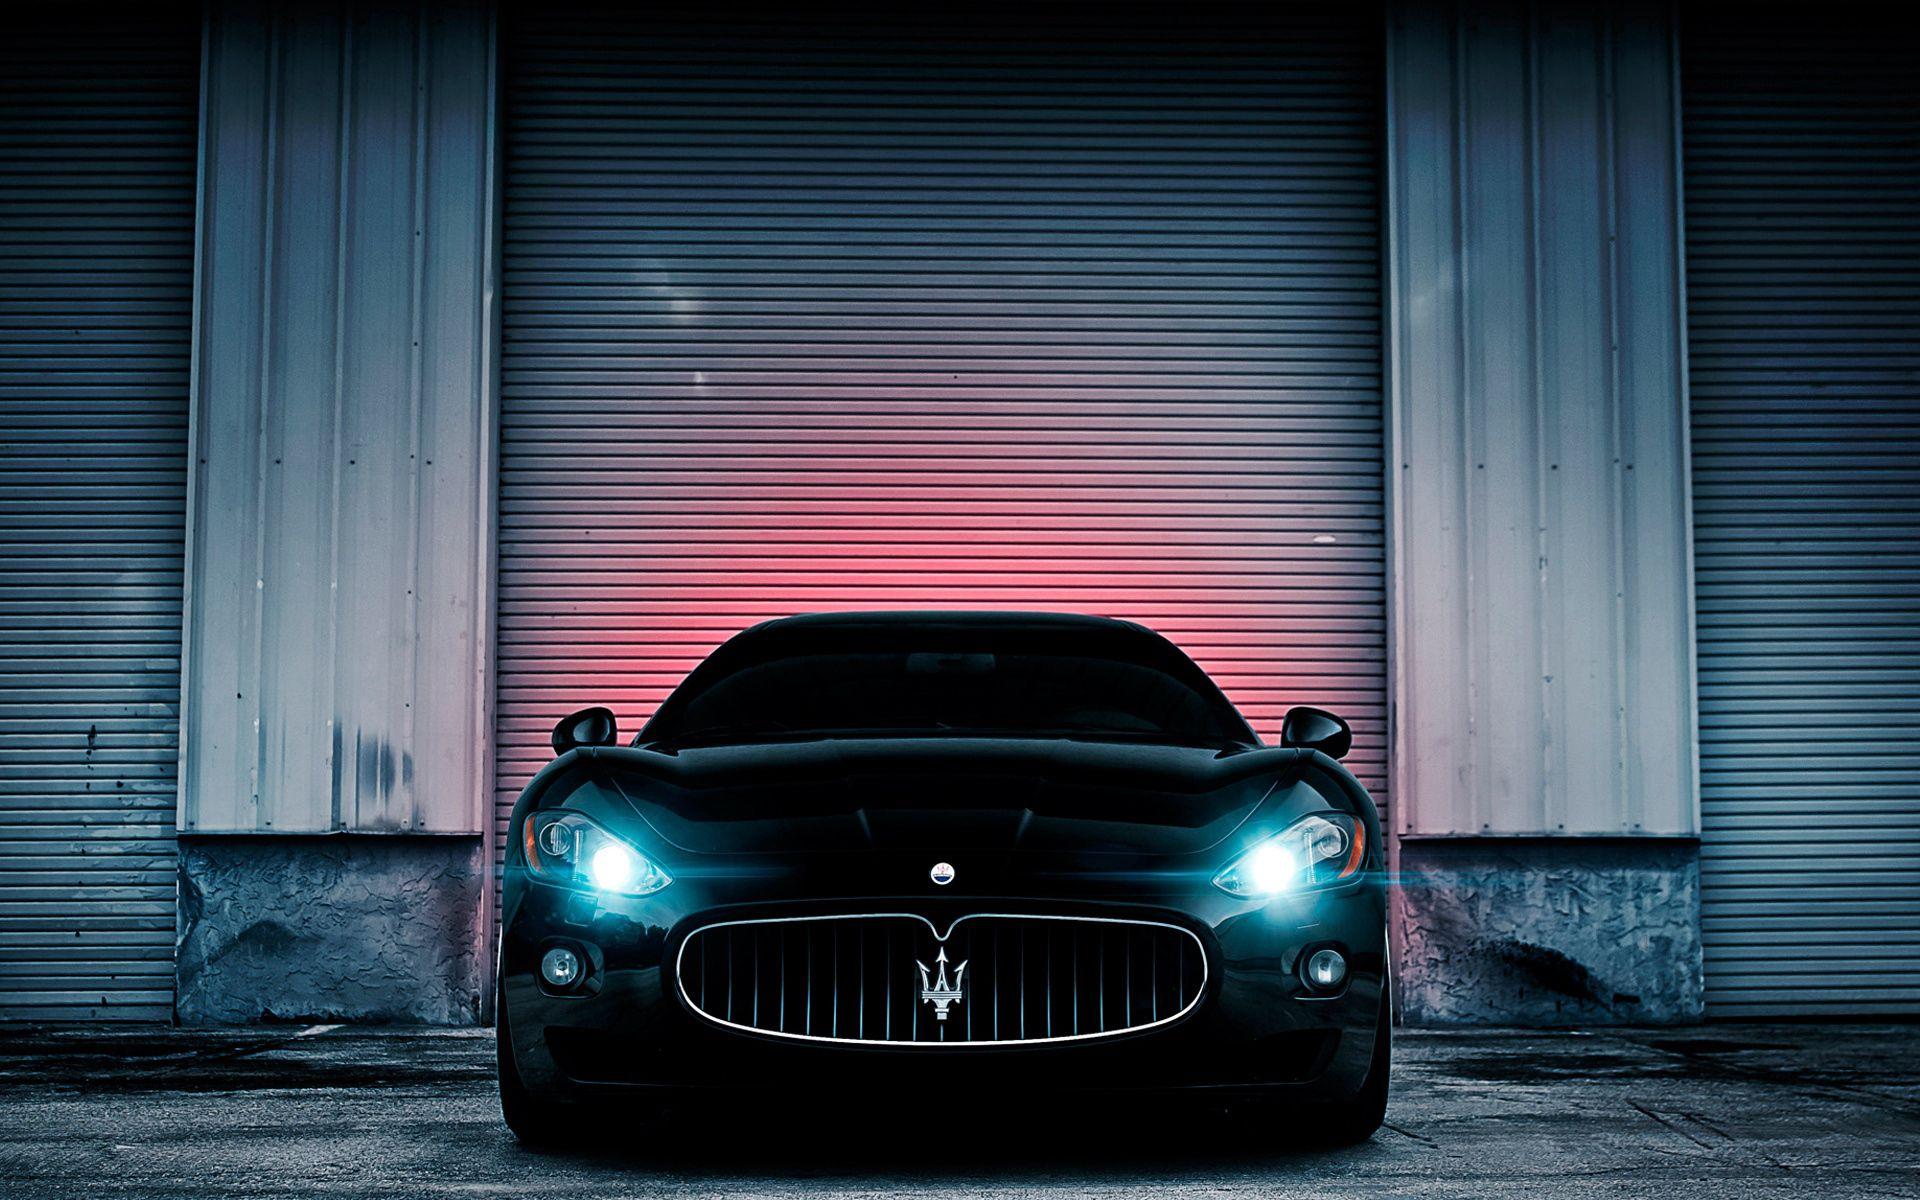 134052 Заставки и Обои Фары на телефон. Скачать Автомобиль, Мазератти (Maserati), Тачки (Cars), Стена, Фары картинки бесплатно